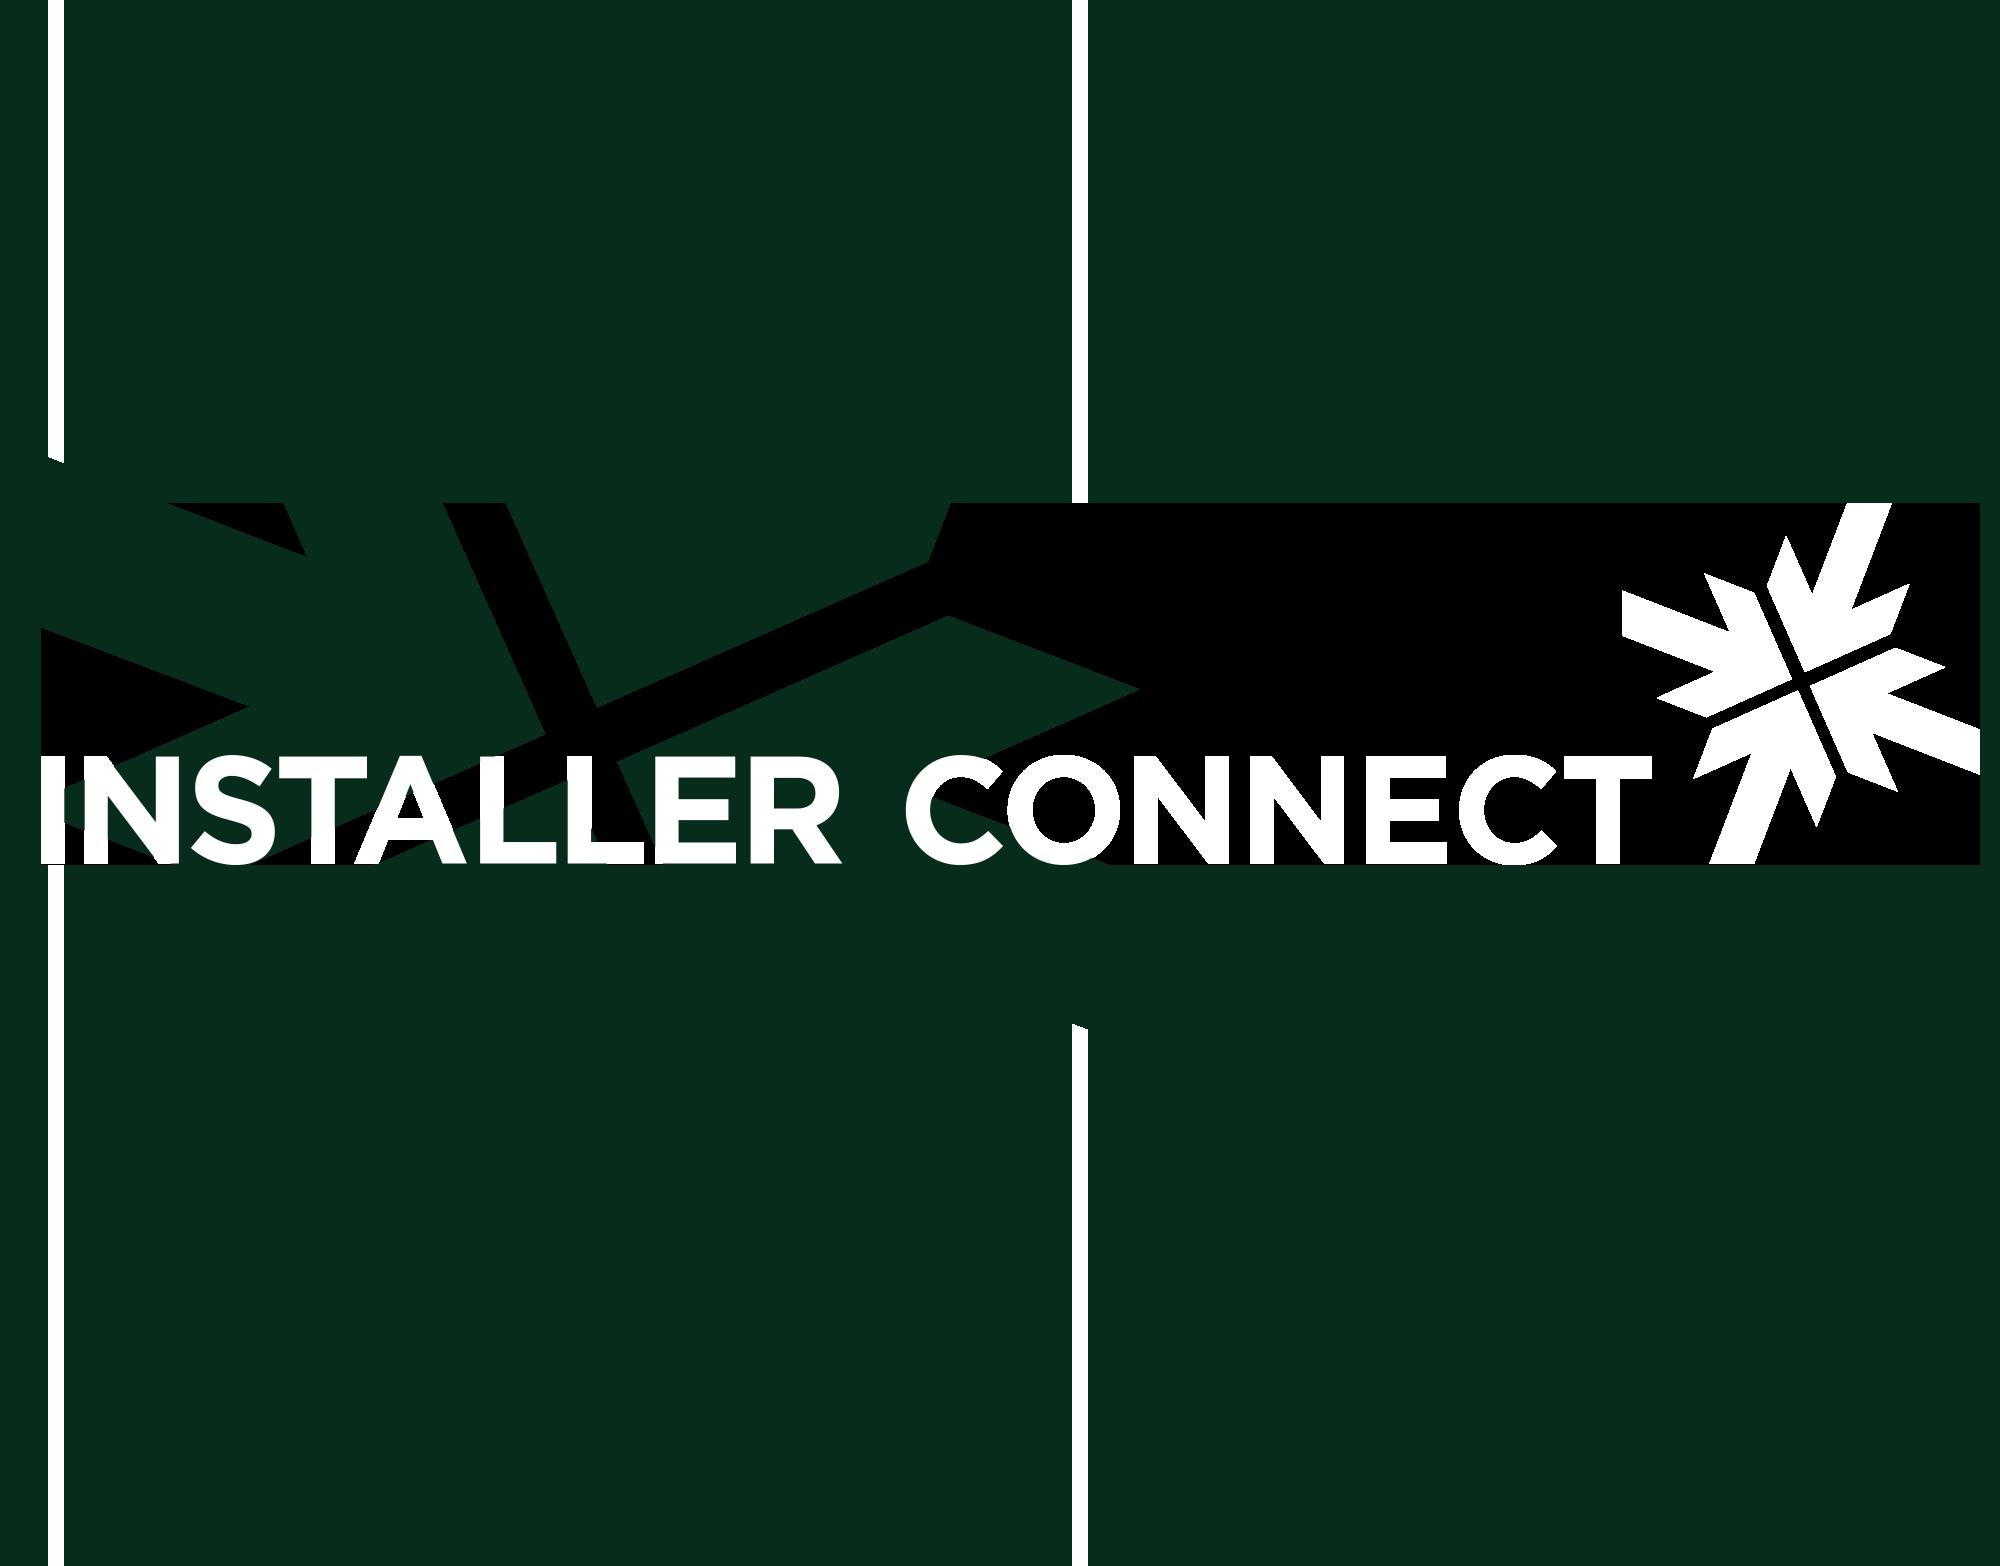 Installer Connect V2